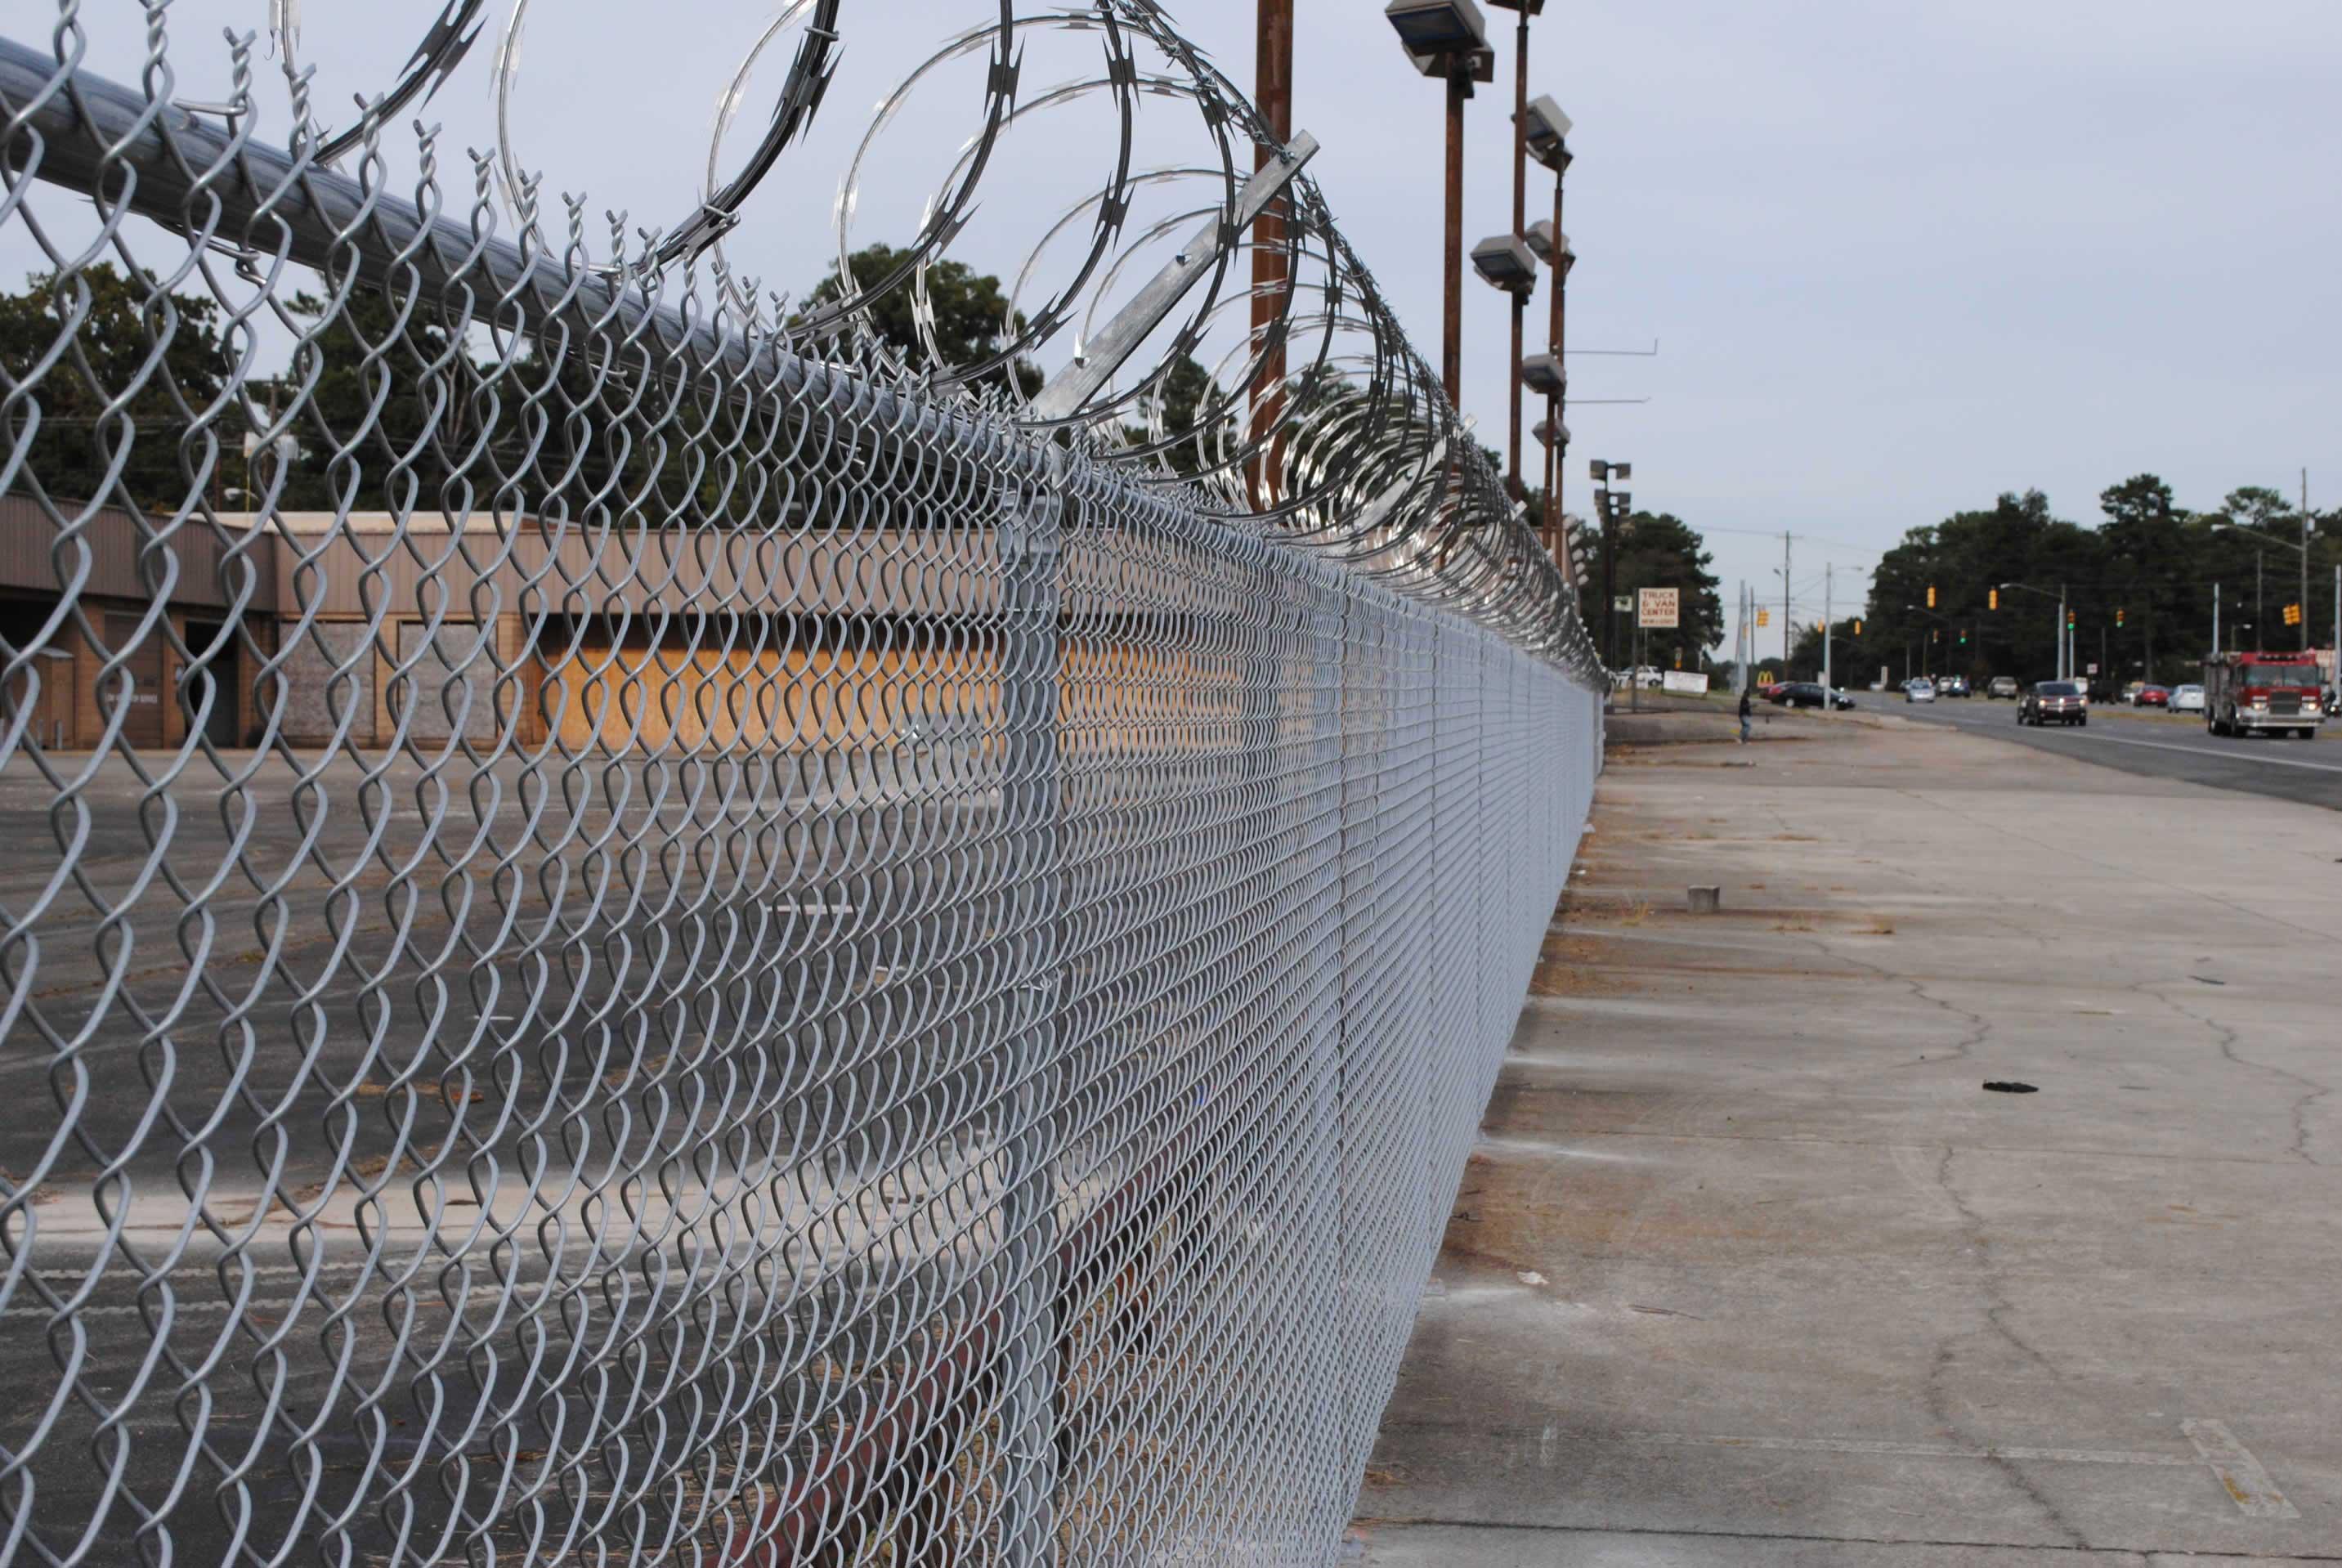 Chain Link Fencing Birmingham AL | Fence Installation